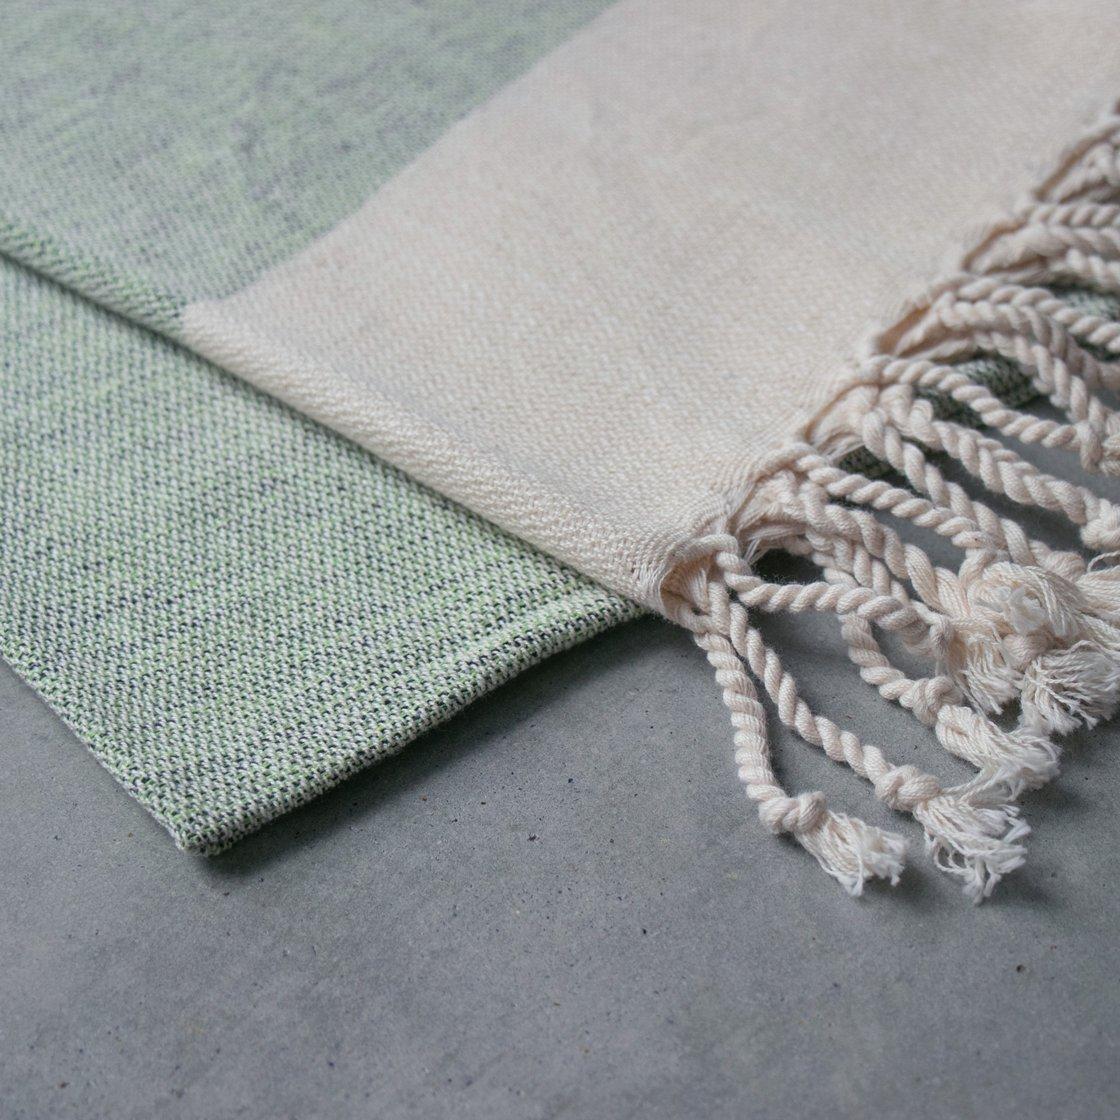 トルコ 手織りのコットンケット【グリーン】